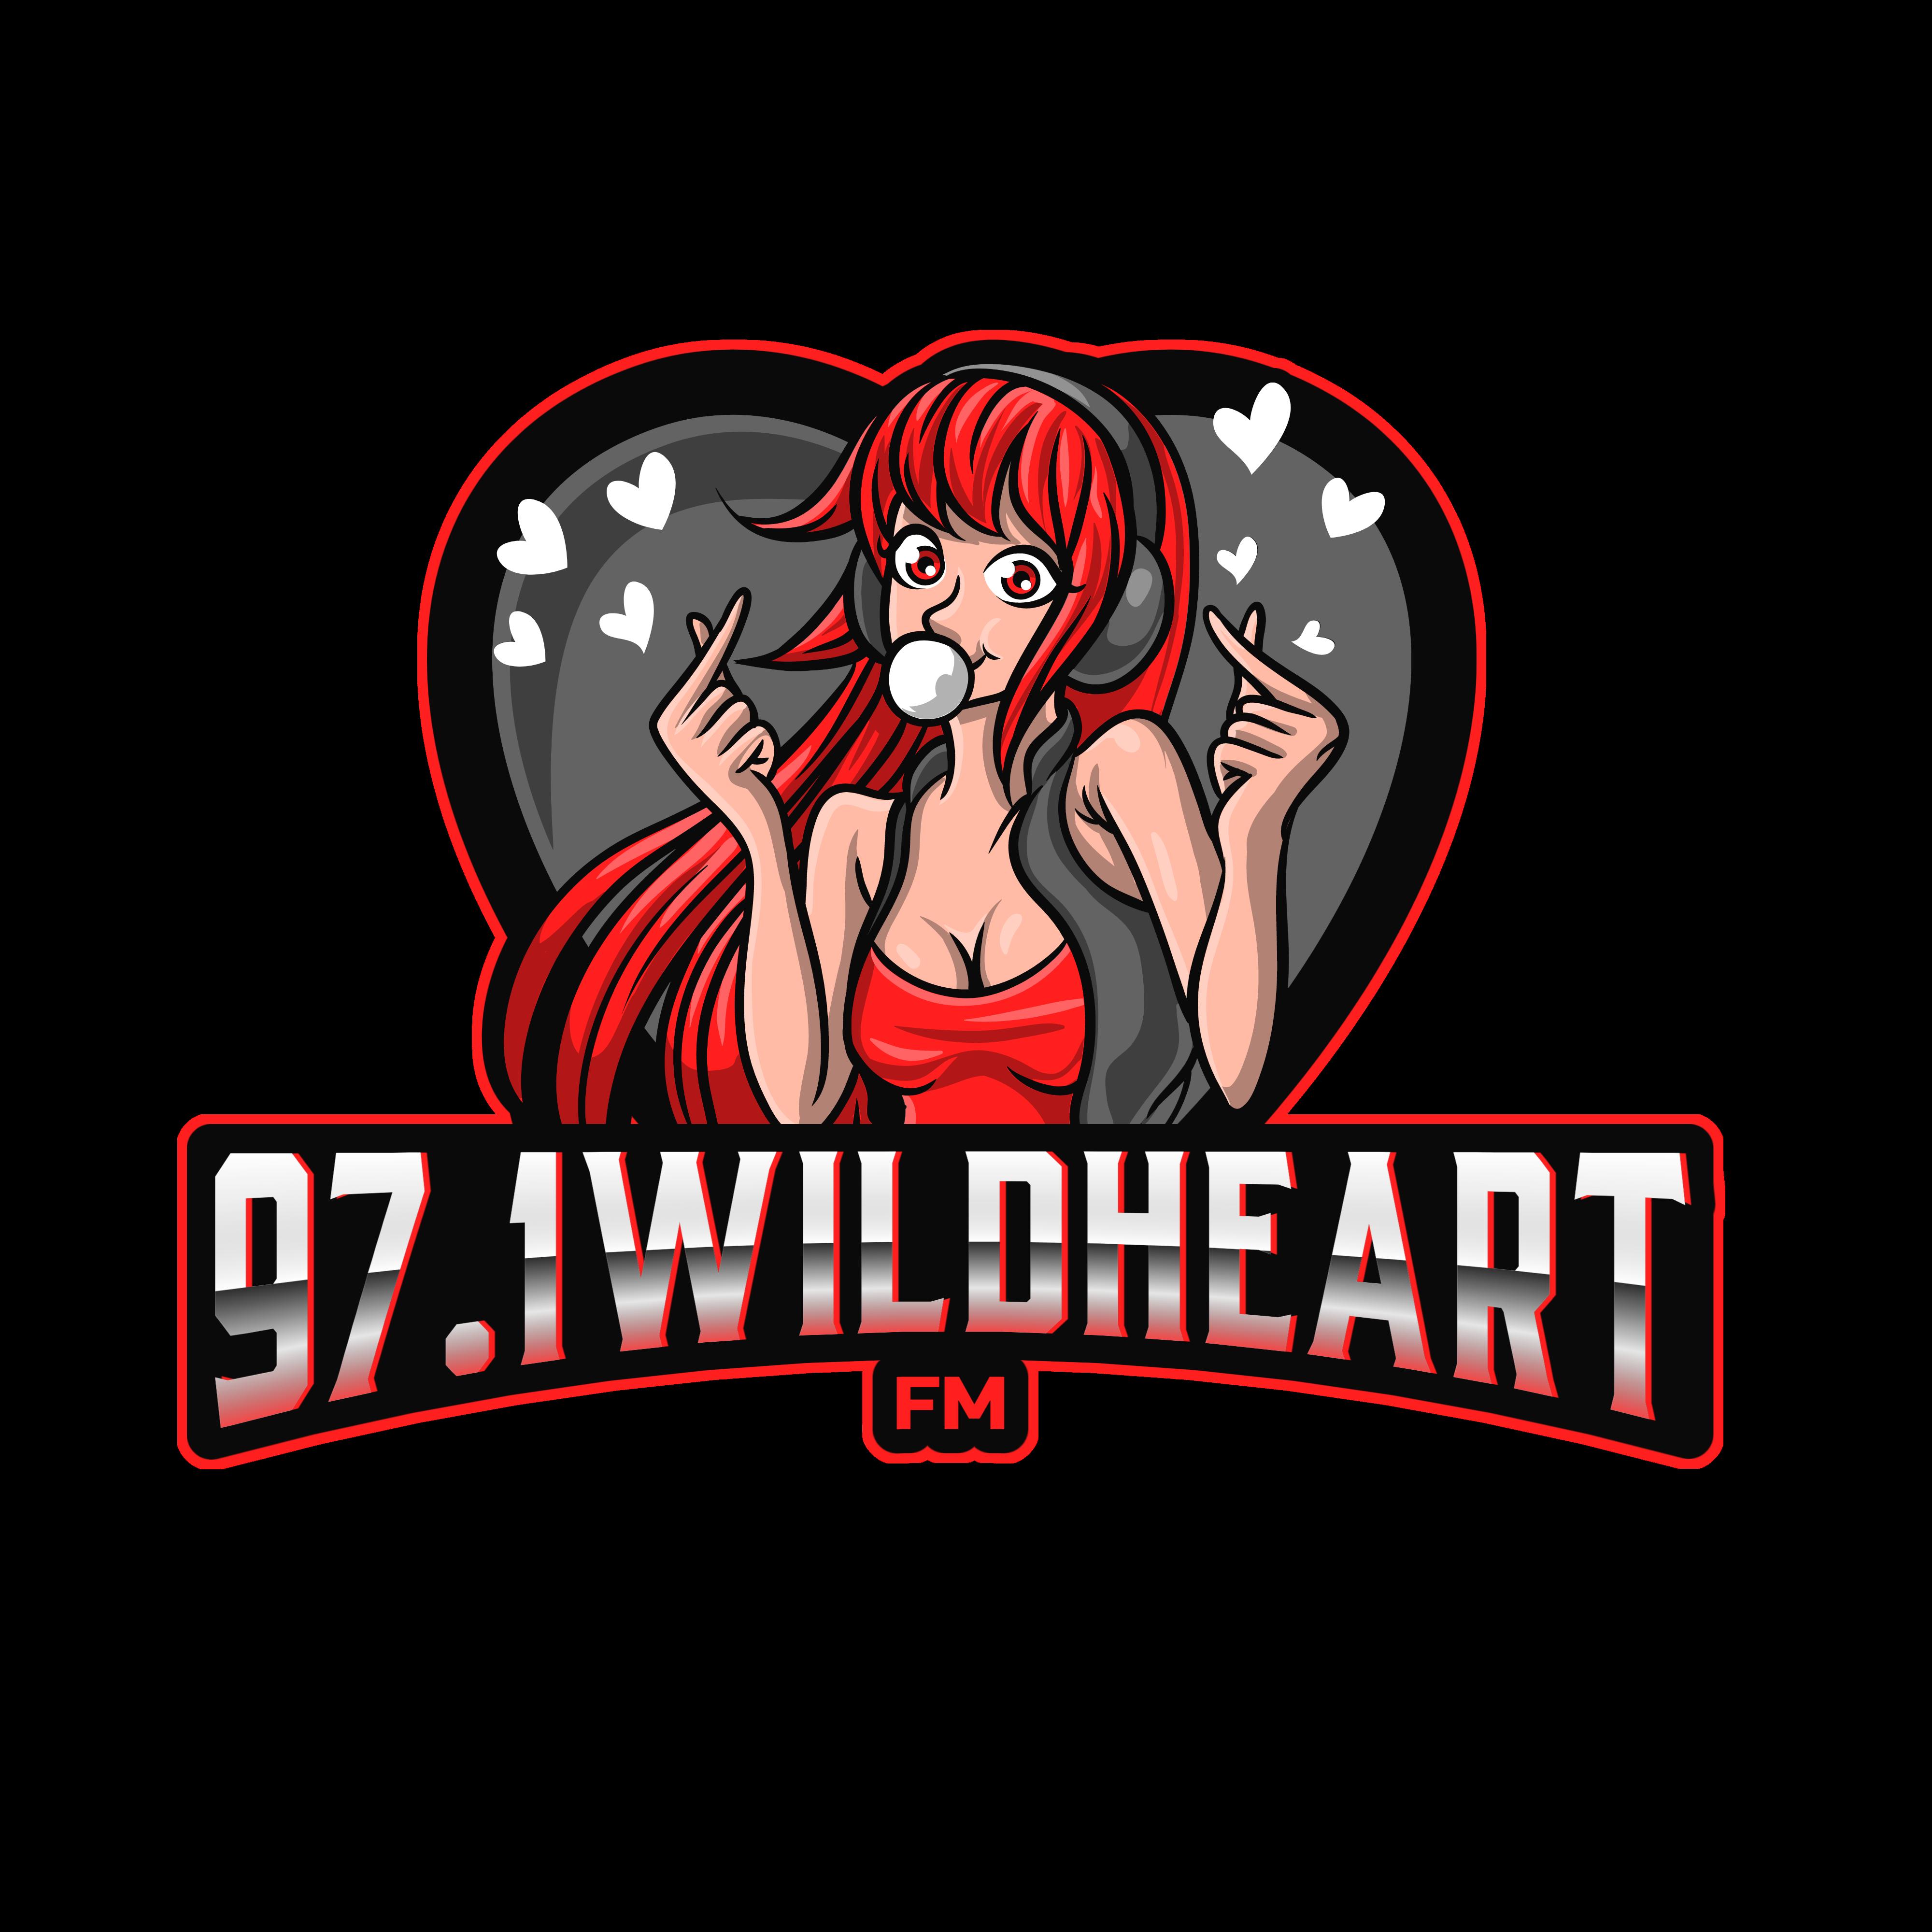 97.1 Wild Heart FM